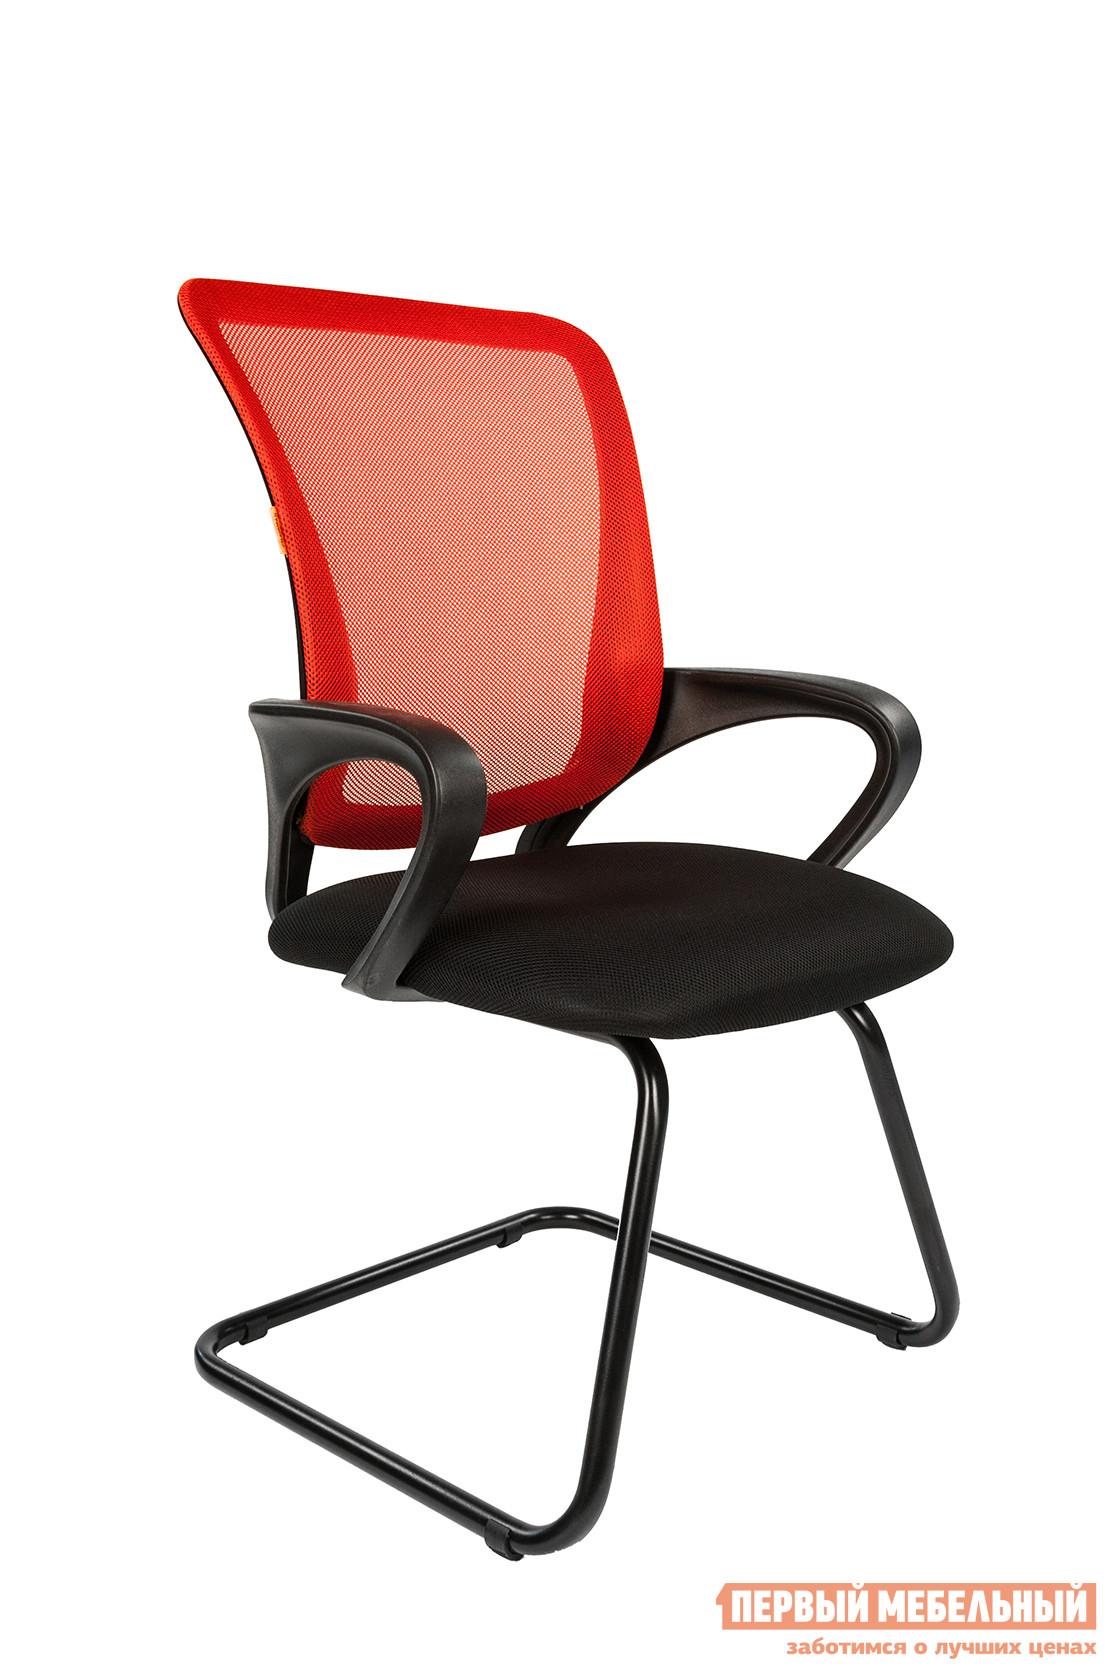 Офисный стул Тайпит CHAIRMAN 969 V стул офисный стандарт 470х560х820мм черный ткань металл